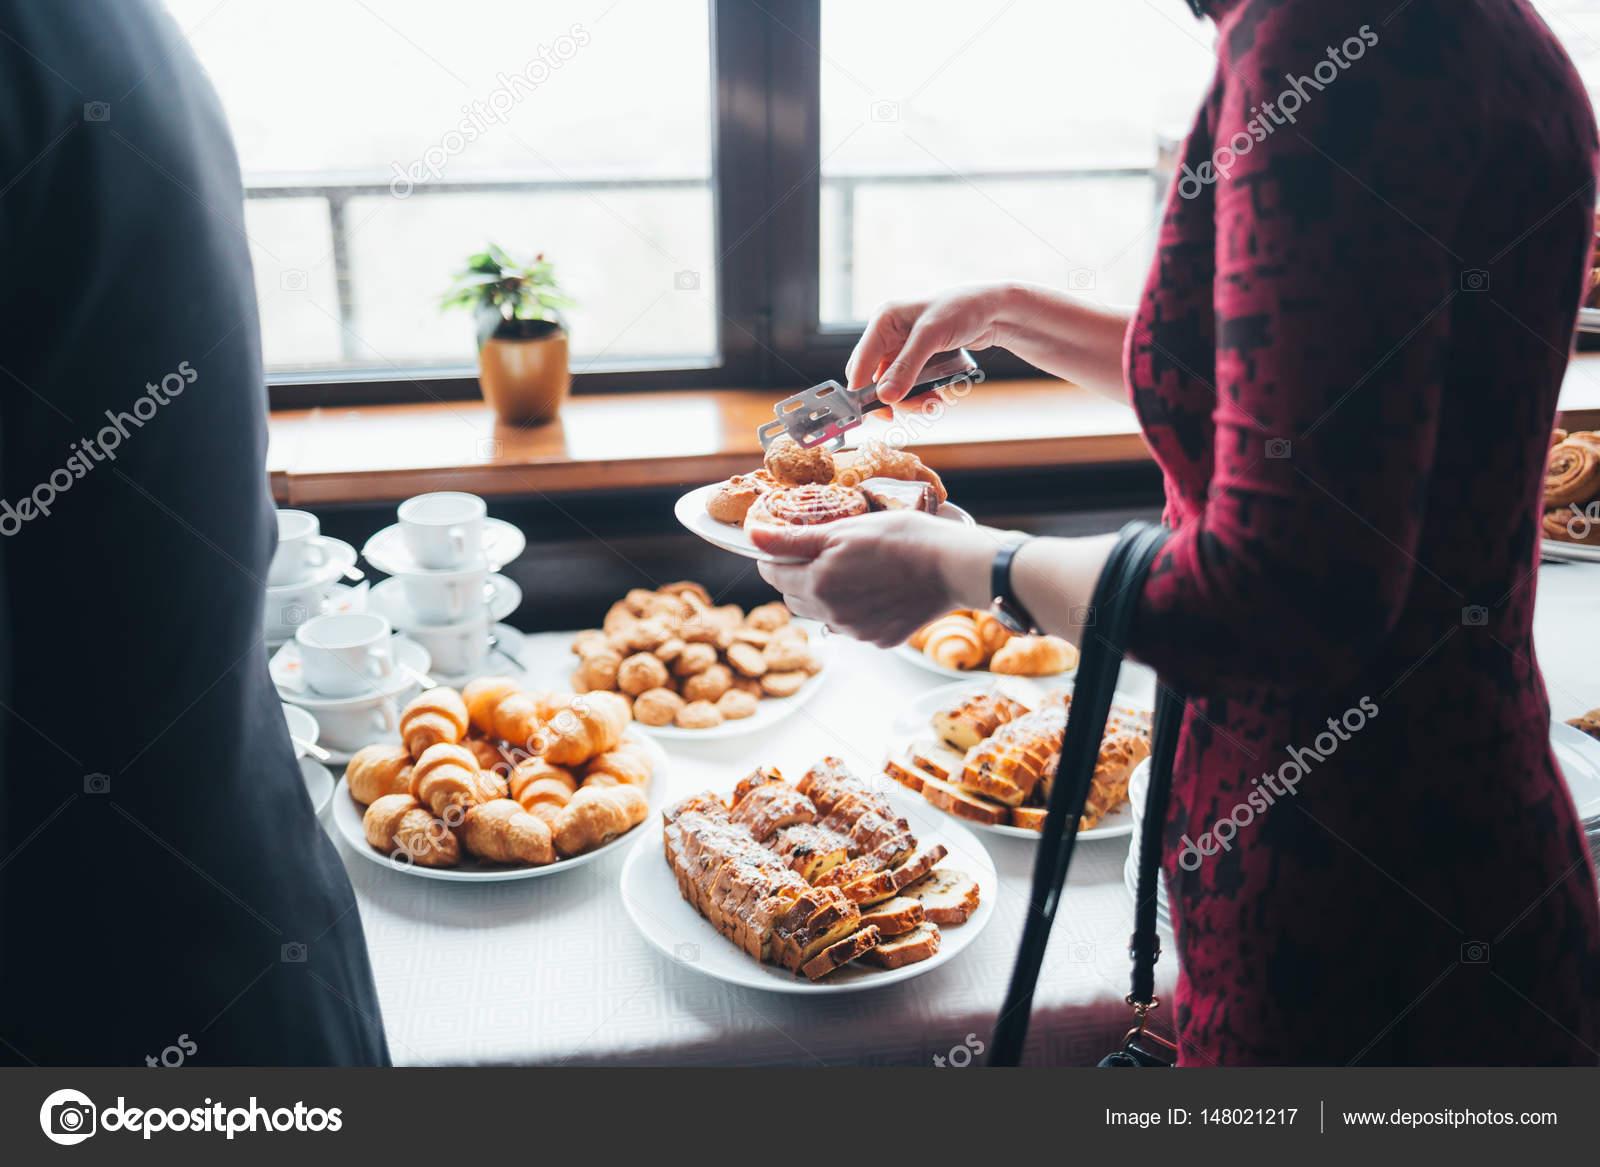 Menschen Essen Leckere Kuchen Urlaub Tisch Stockfoto